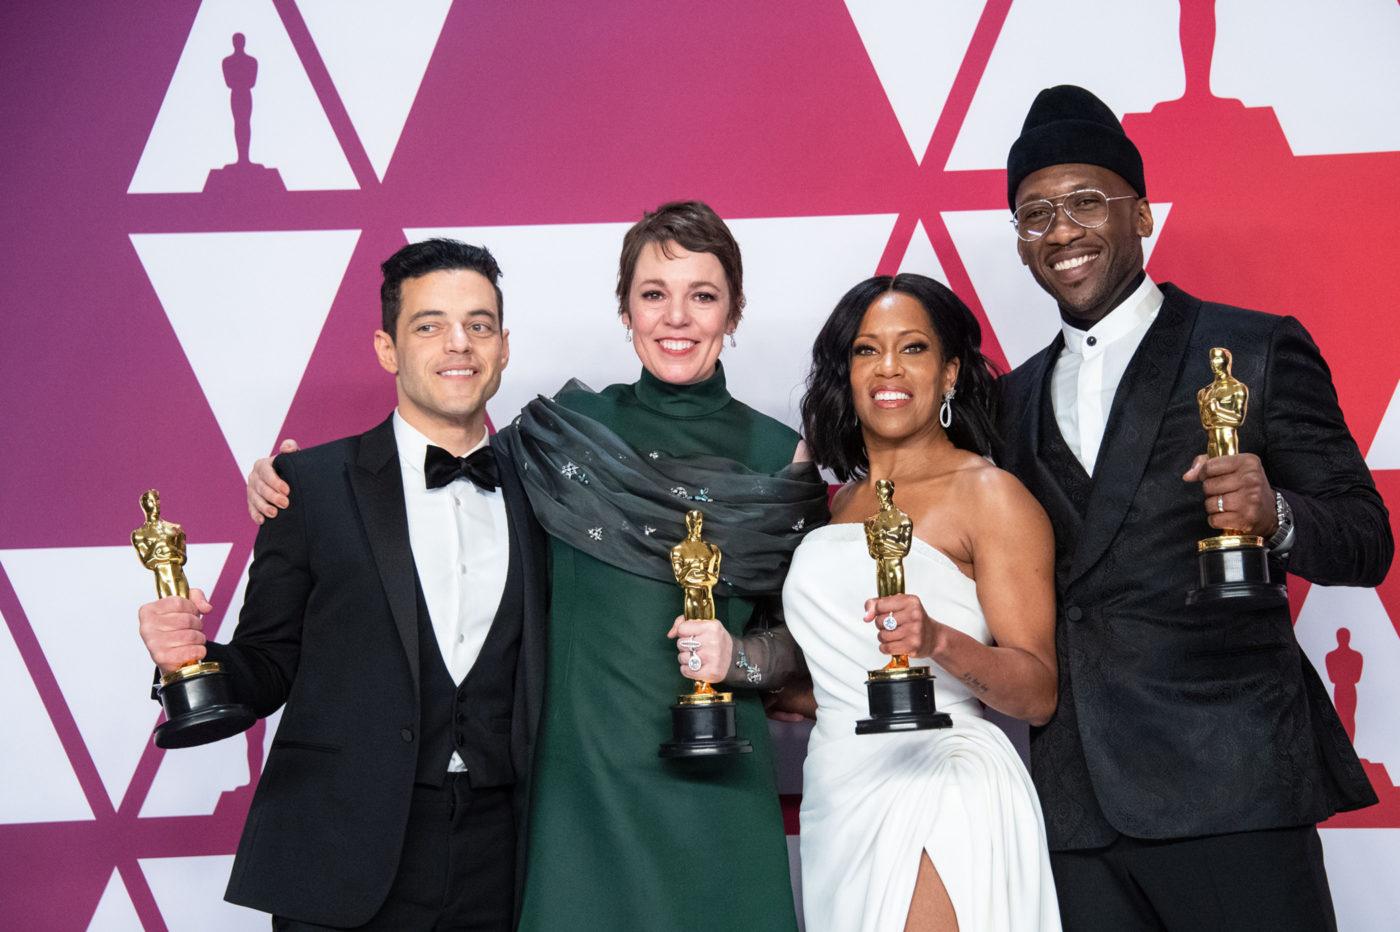 Zegarki na Oscarach 2019, czyli filmowe gwiazdy i ich nadgarstki